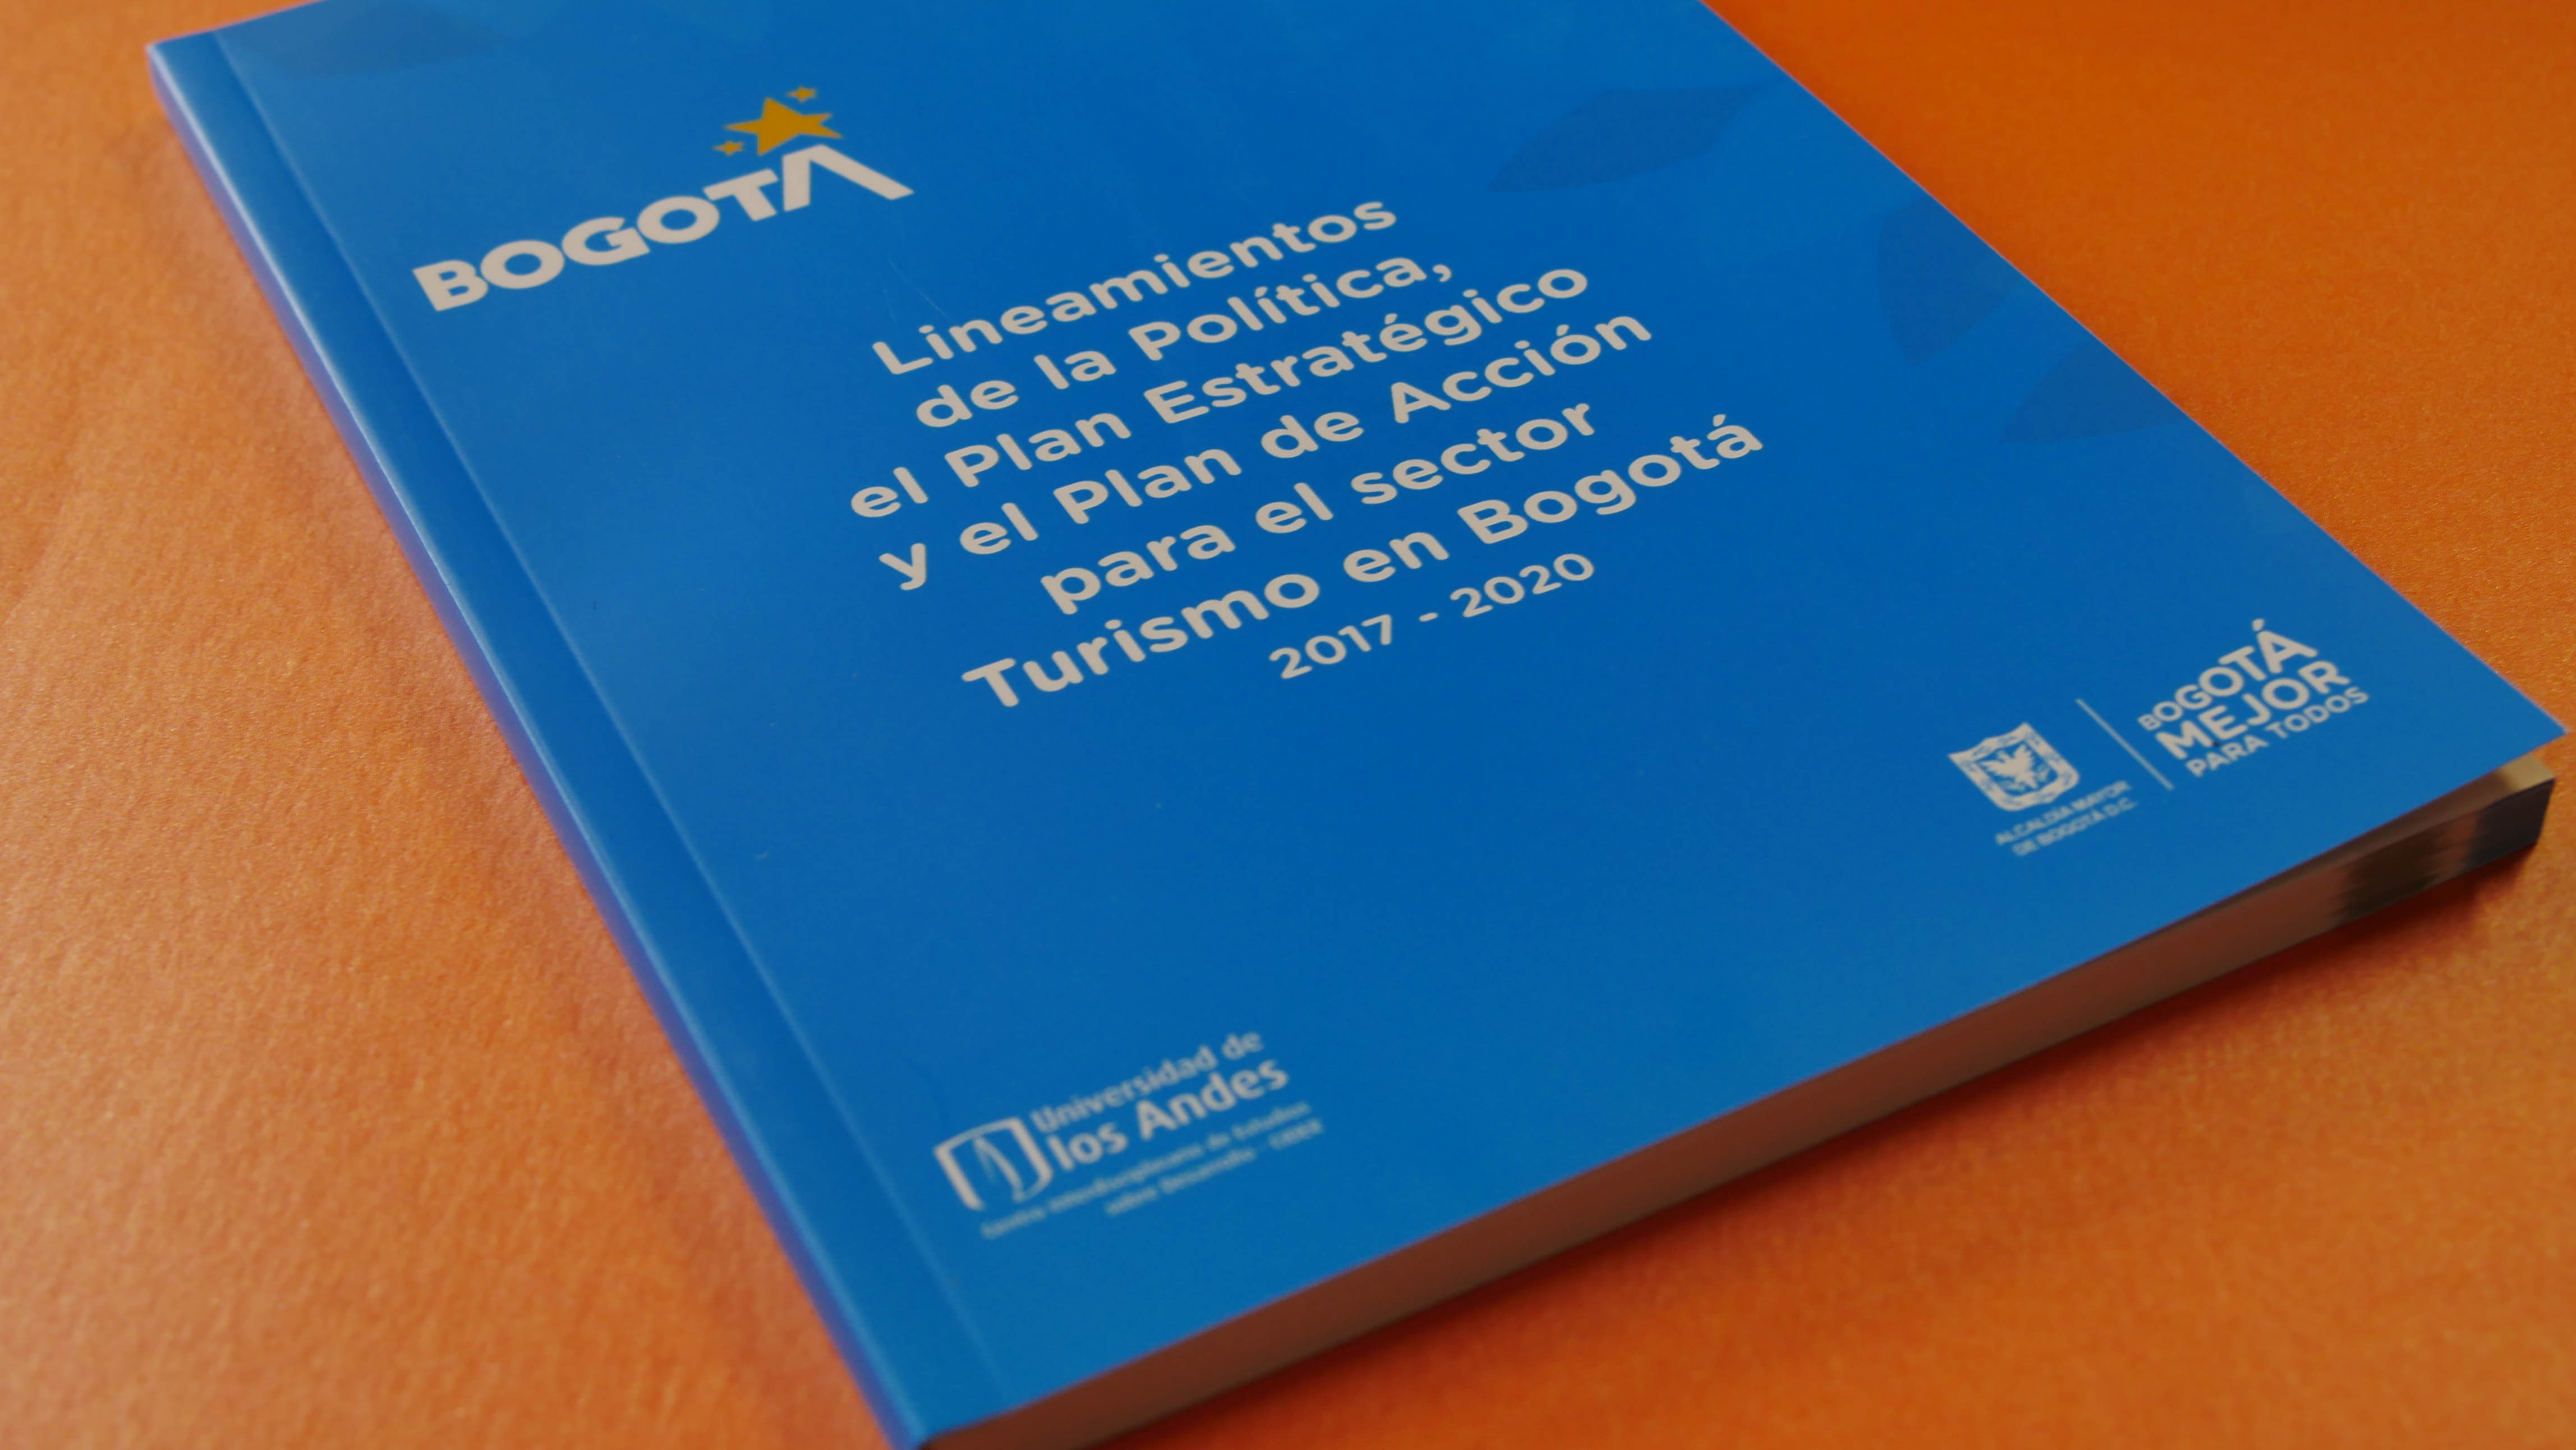 libro para el consejo de Bogotá en el desarrollo turístico - Cider   Uniandes